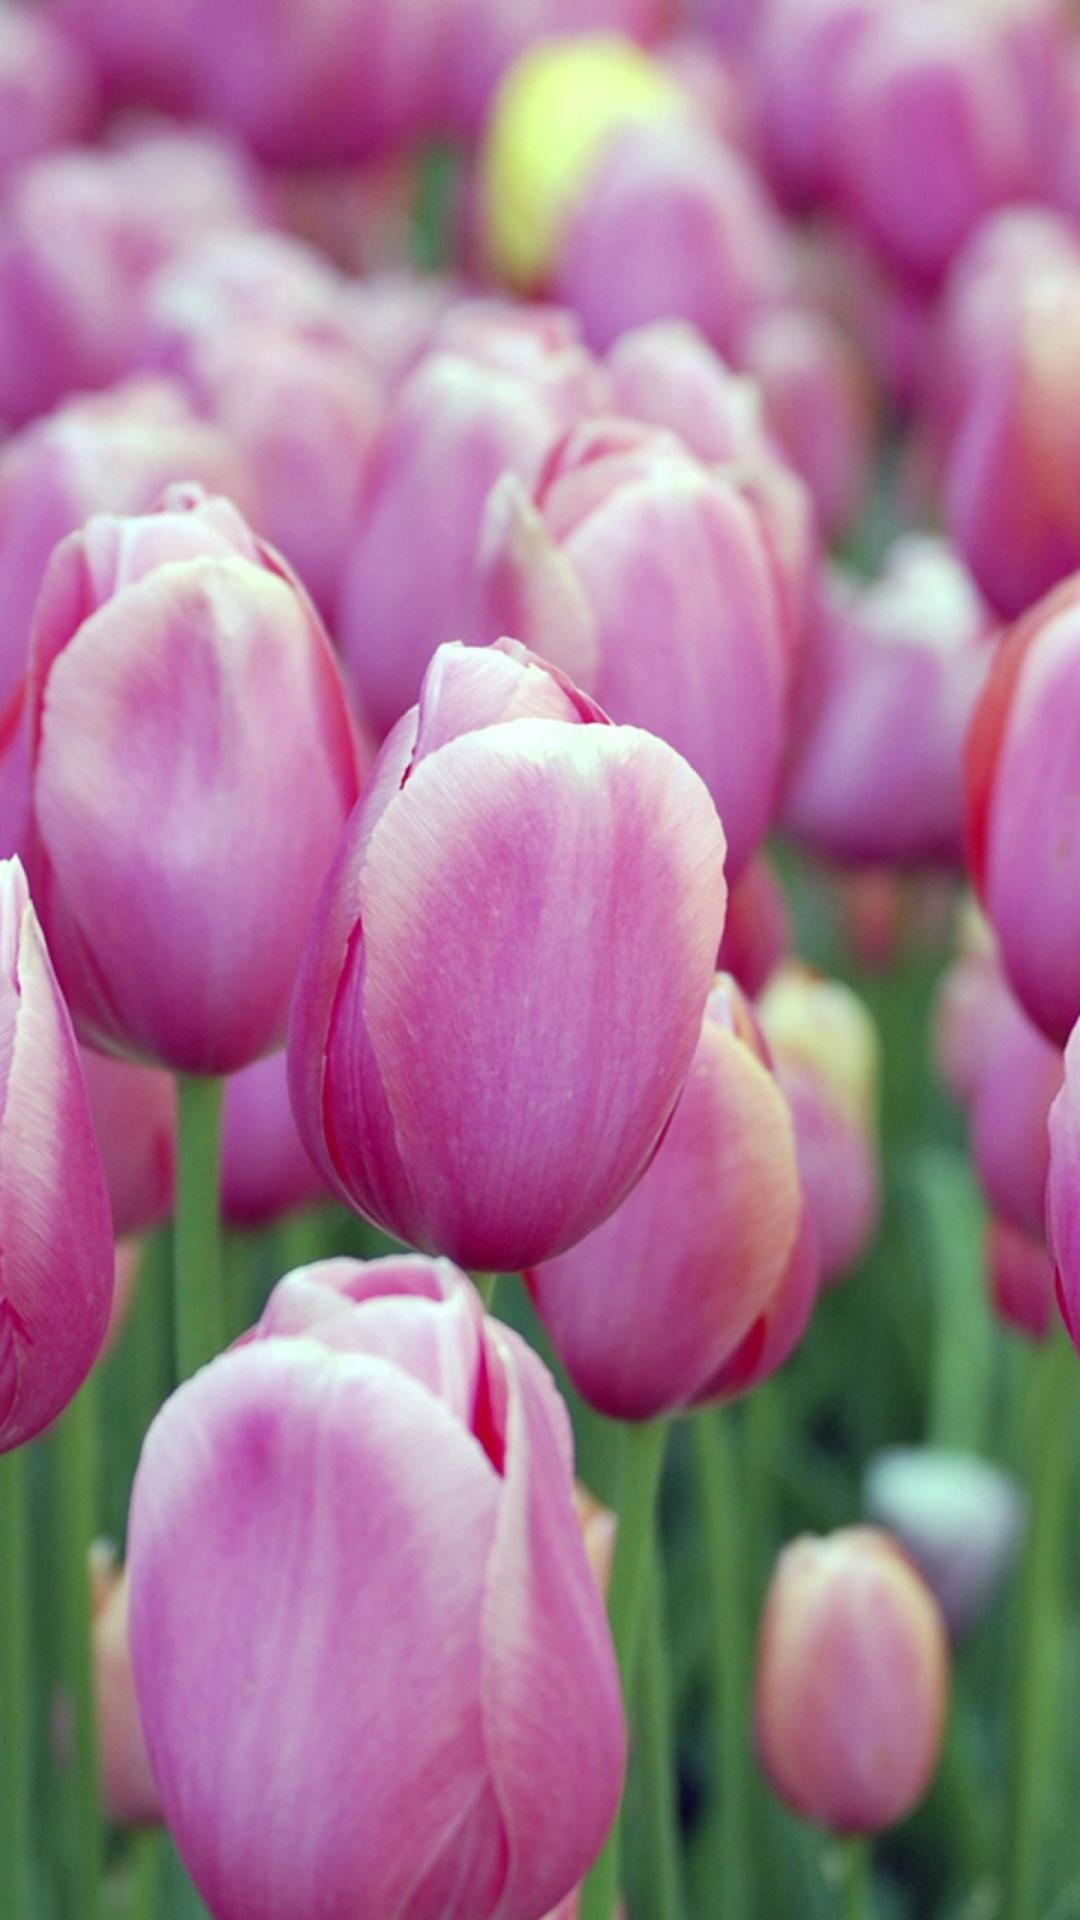 тюльпаны фото на айфон соответствующие данному